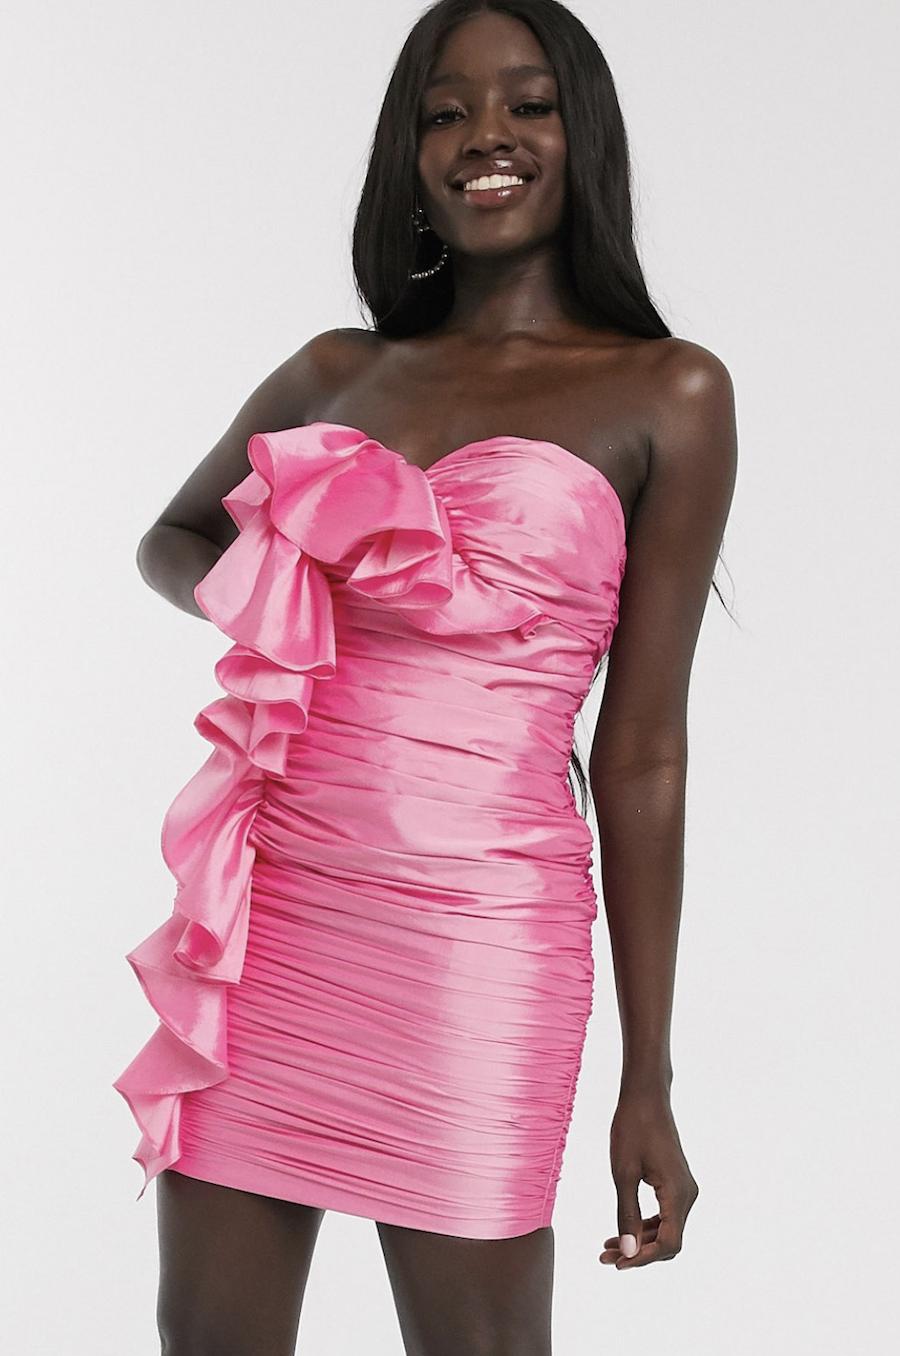 Vestido muy corto con volantes extremos en rosa de Dolly & Delicious